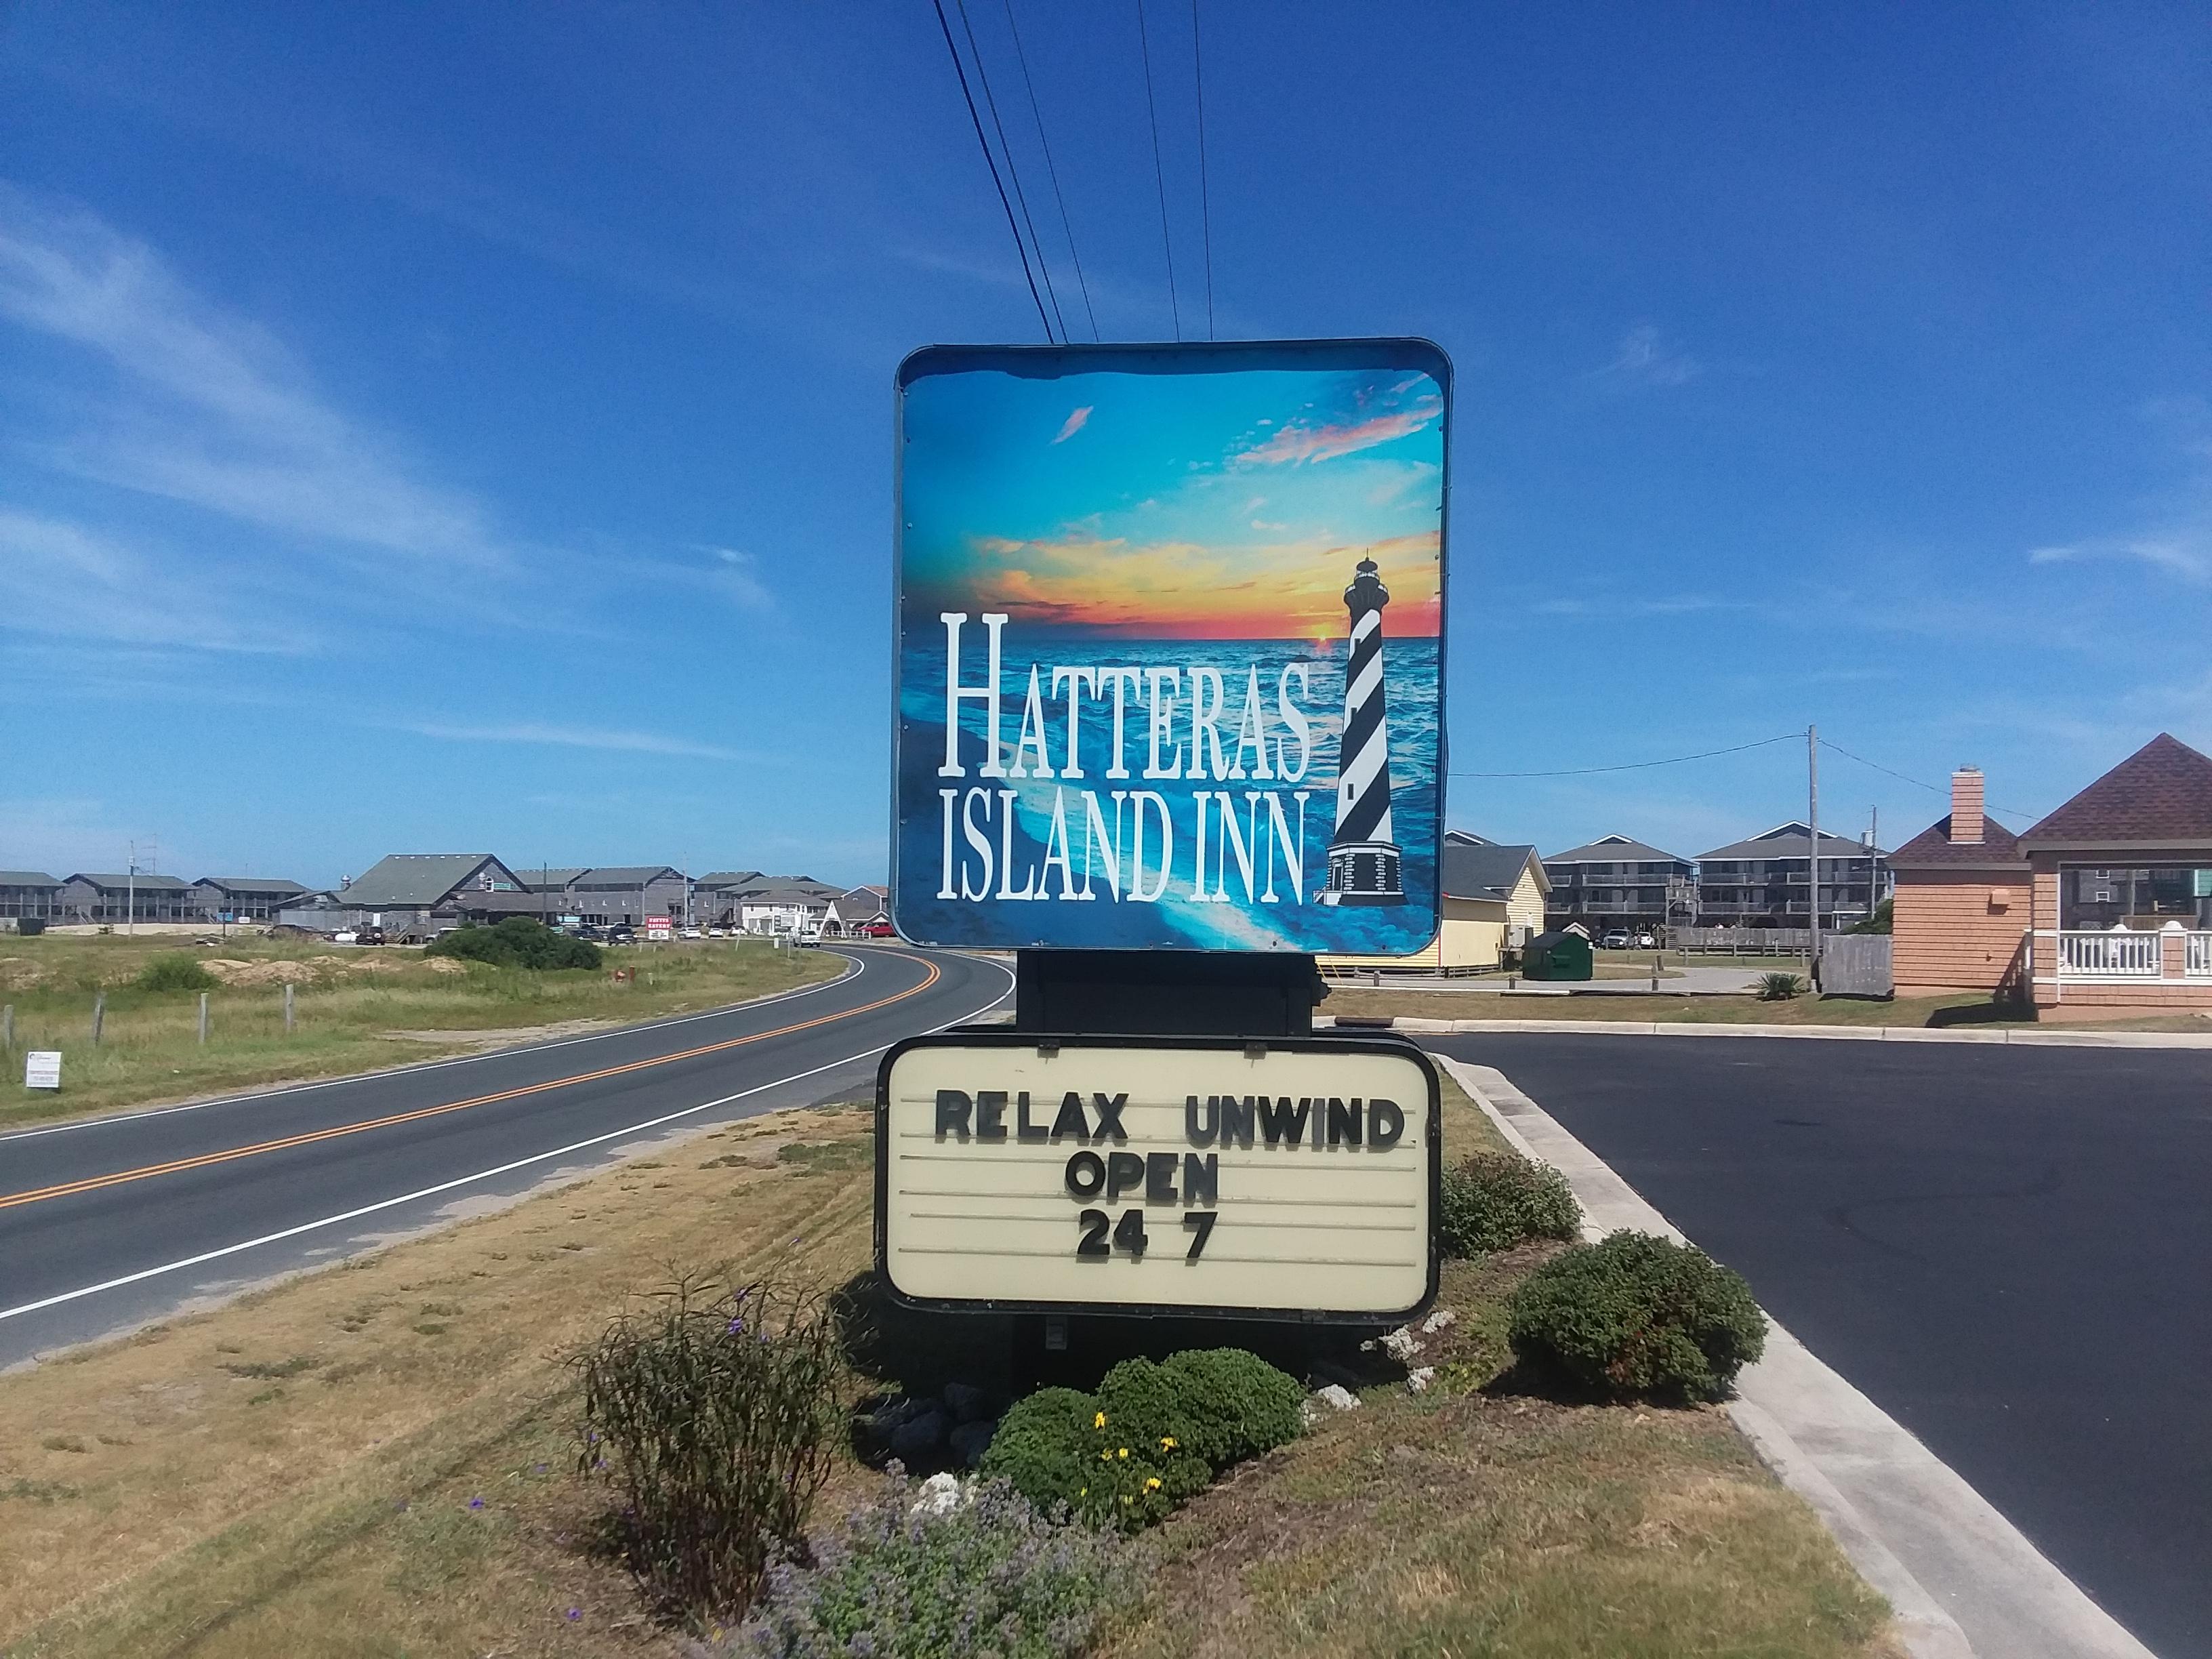 Hatteras Island Inn Buxton NC